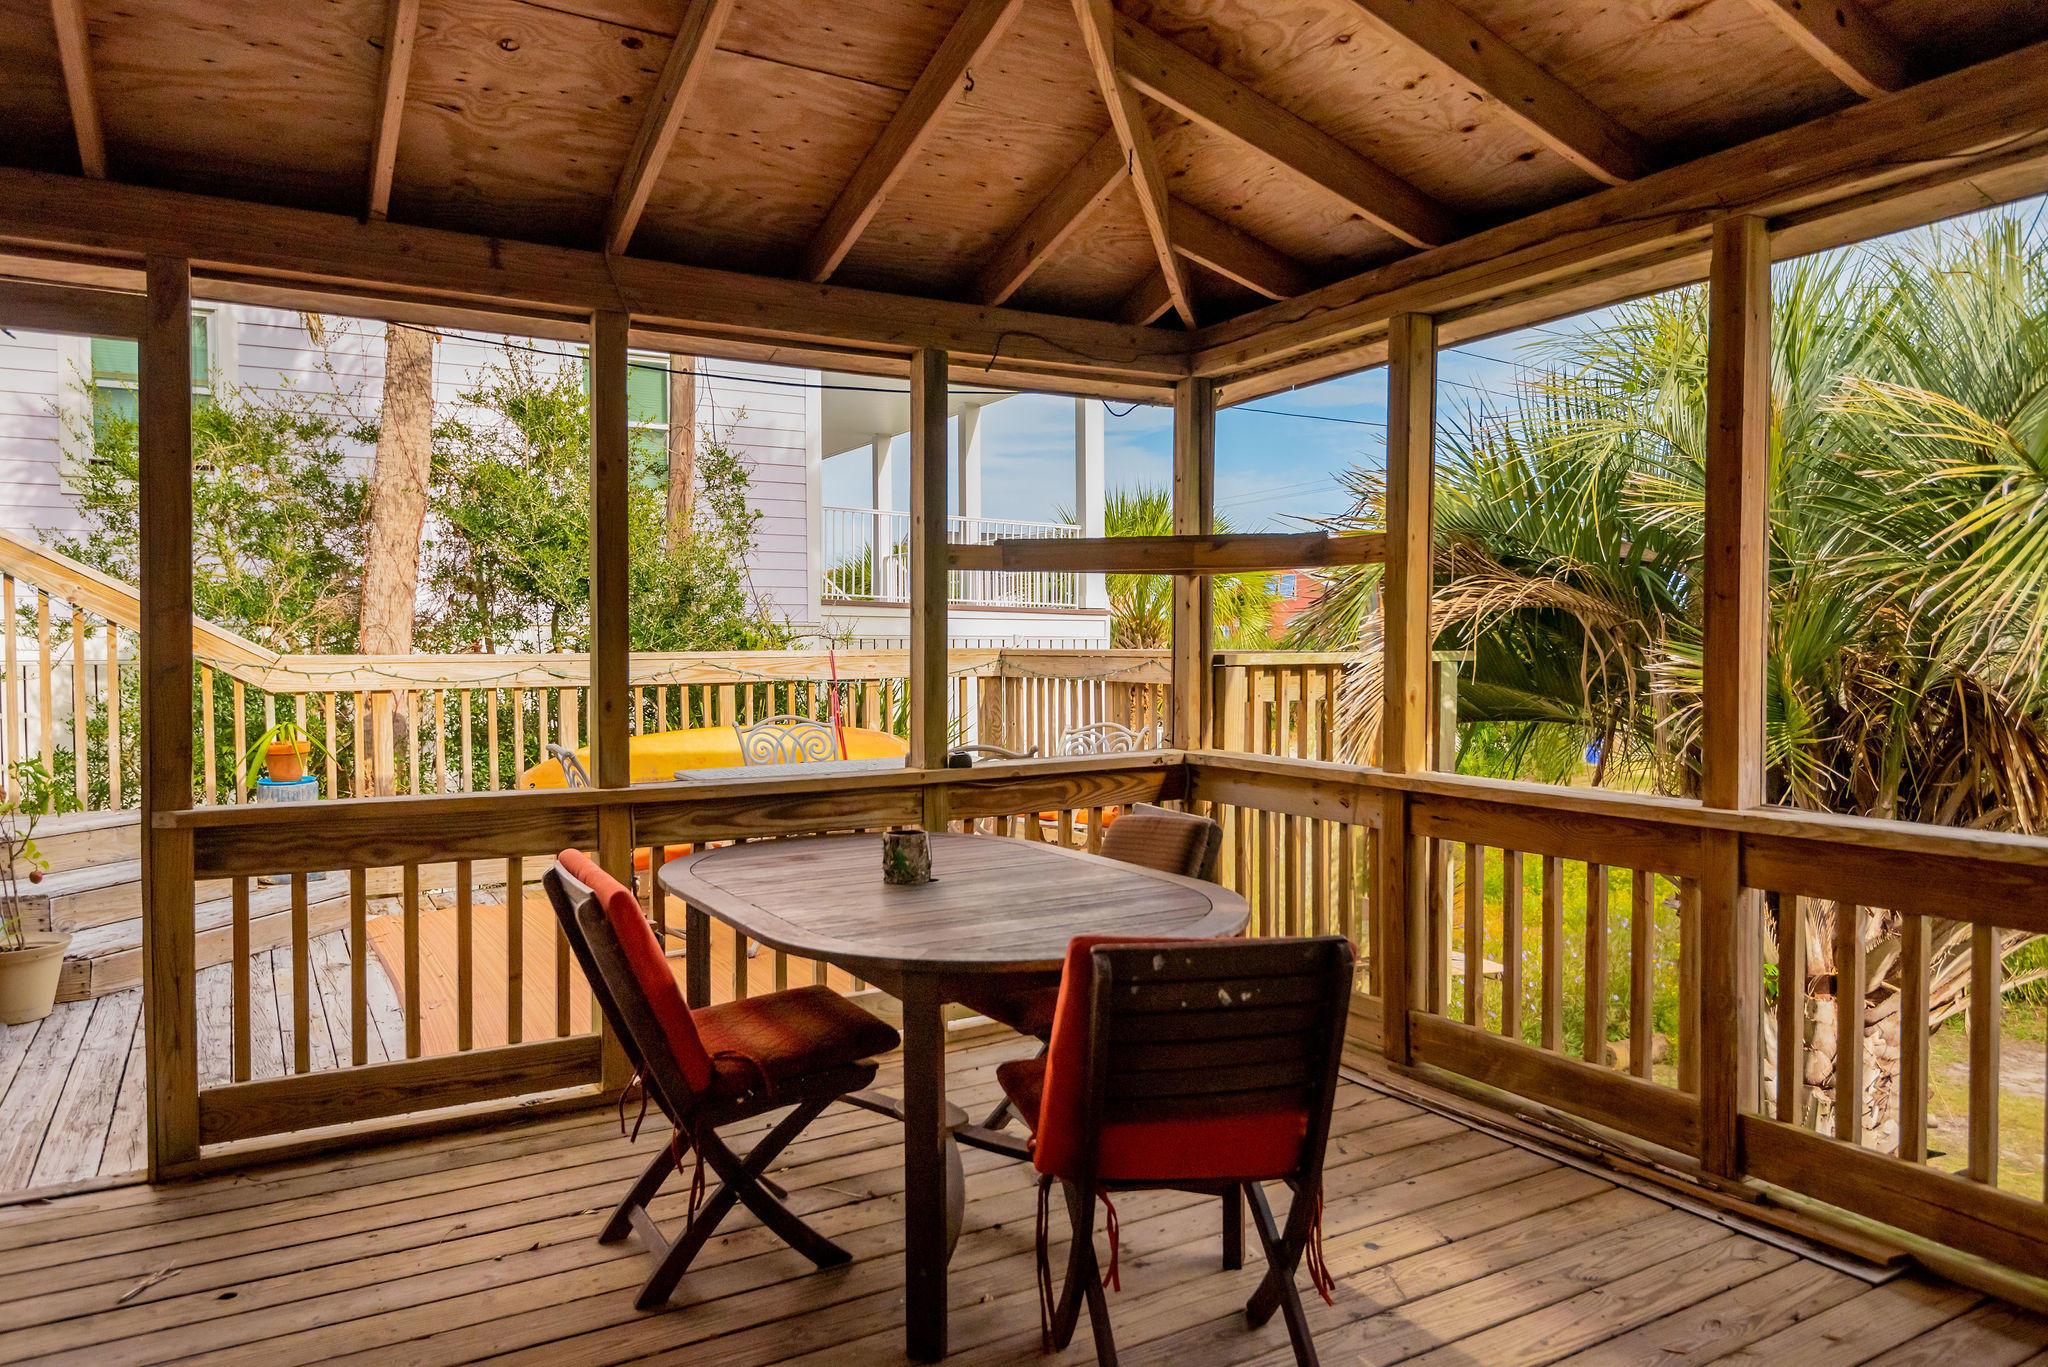 Folly Beach Homes For Sale - 504 Ashley, Folly Beach, SC - 5